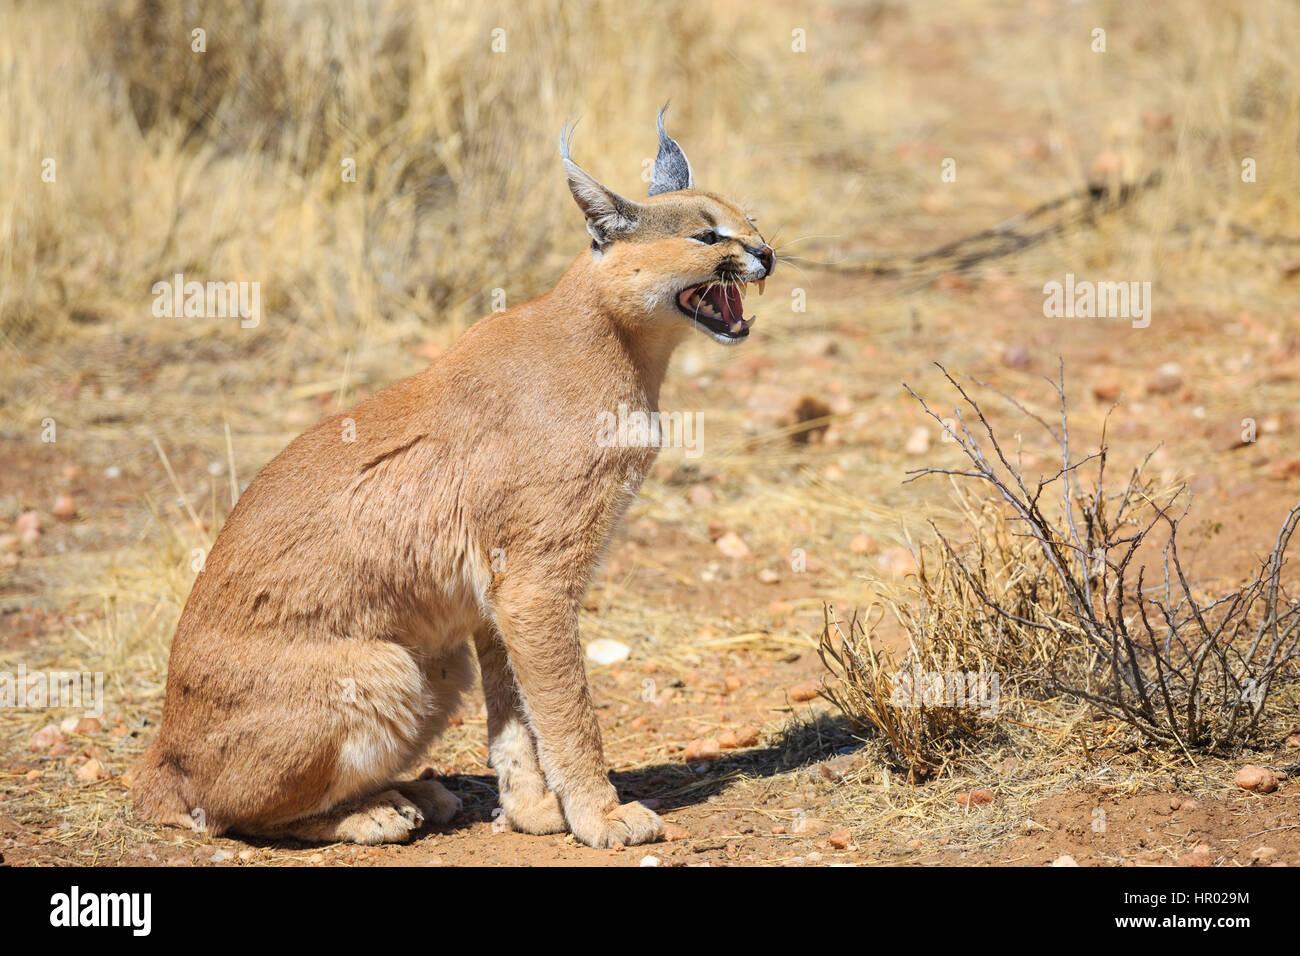 Caracal (Caracal caracal), snarling, captive, Namibia - Stock Image